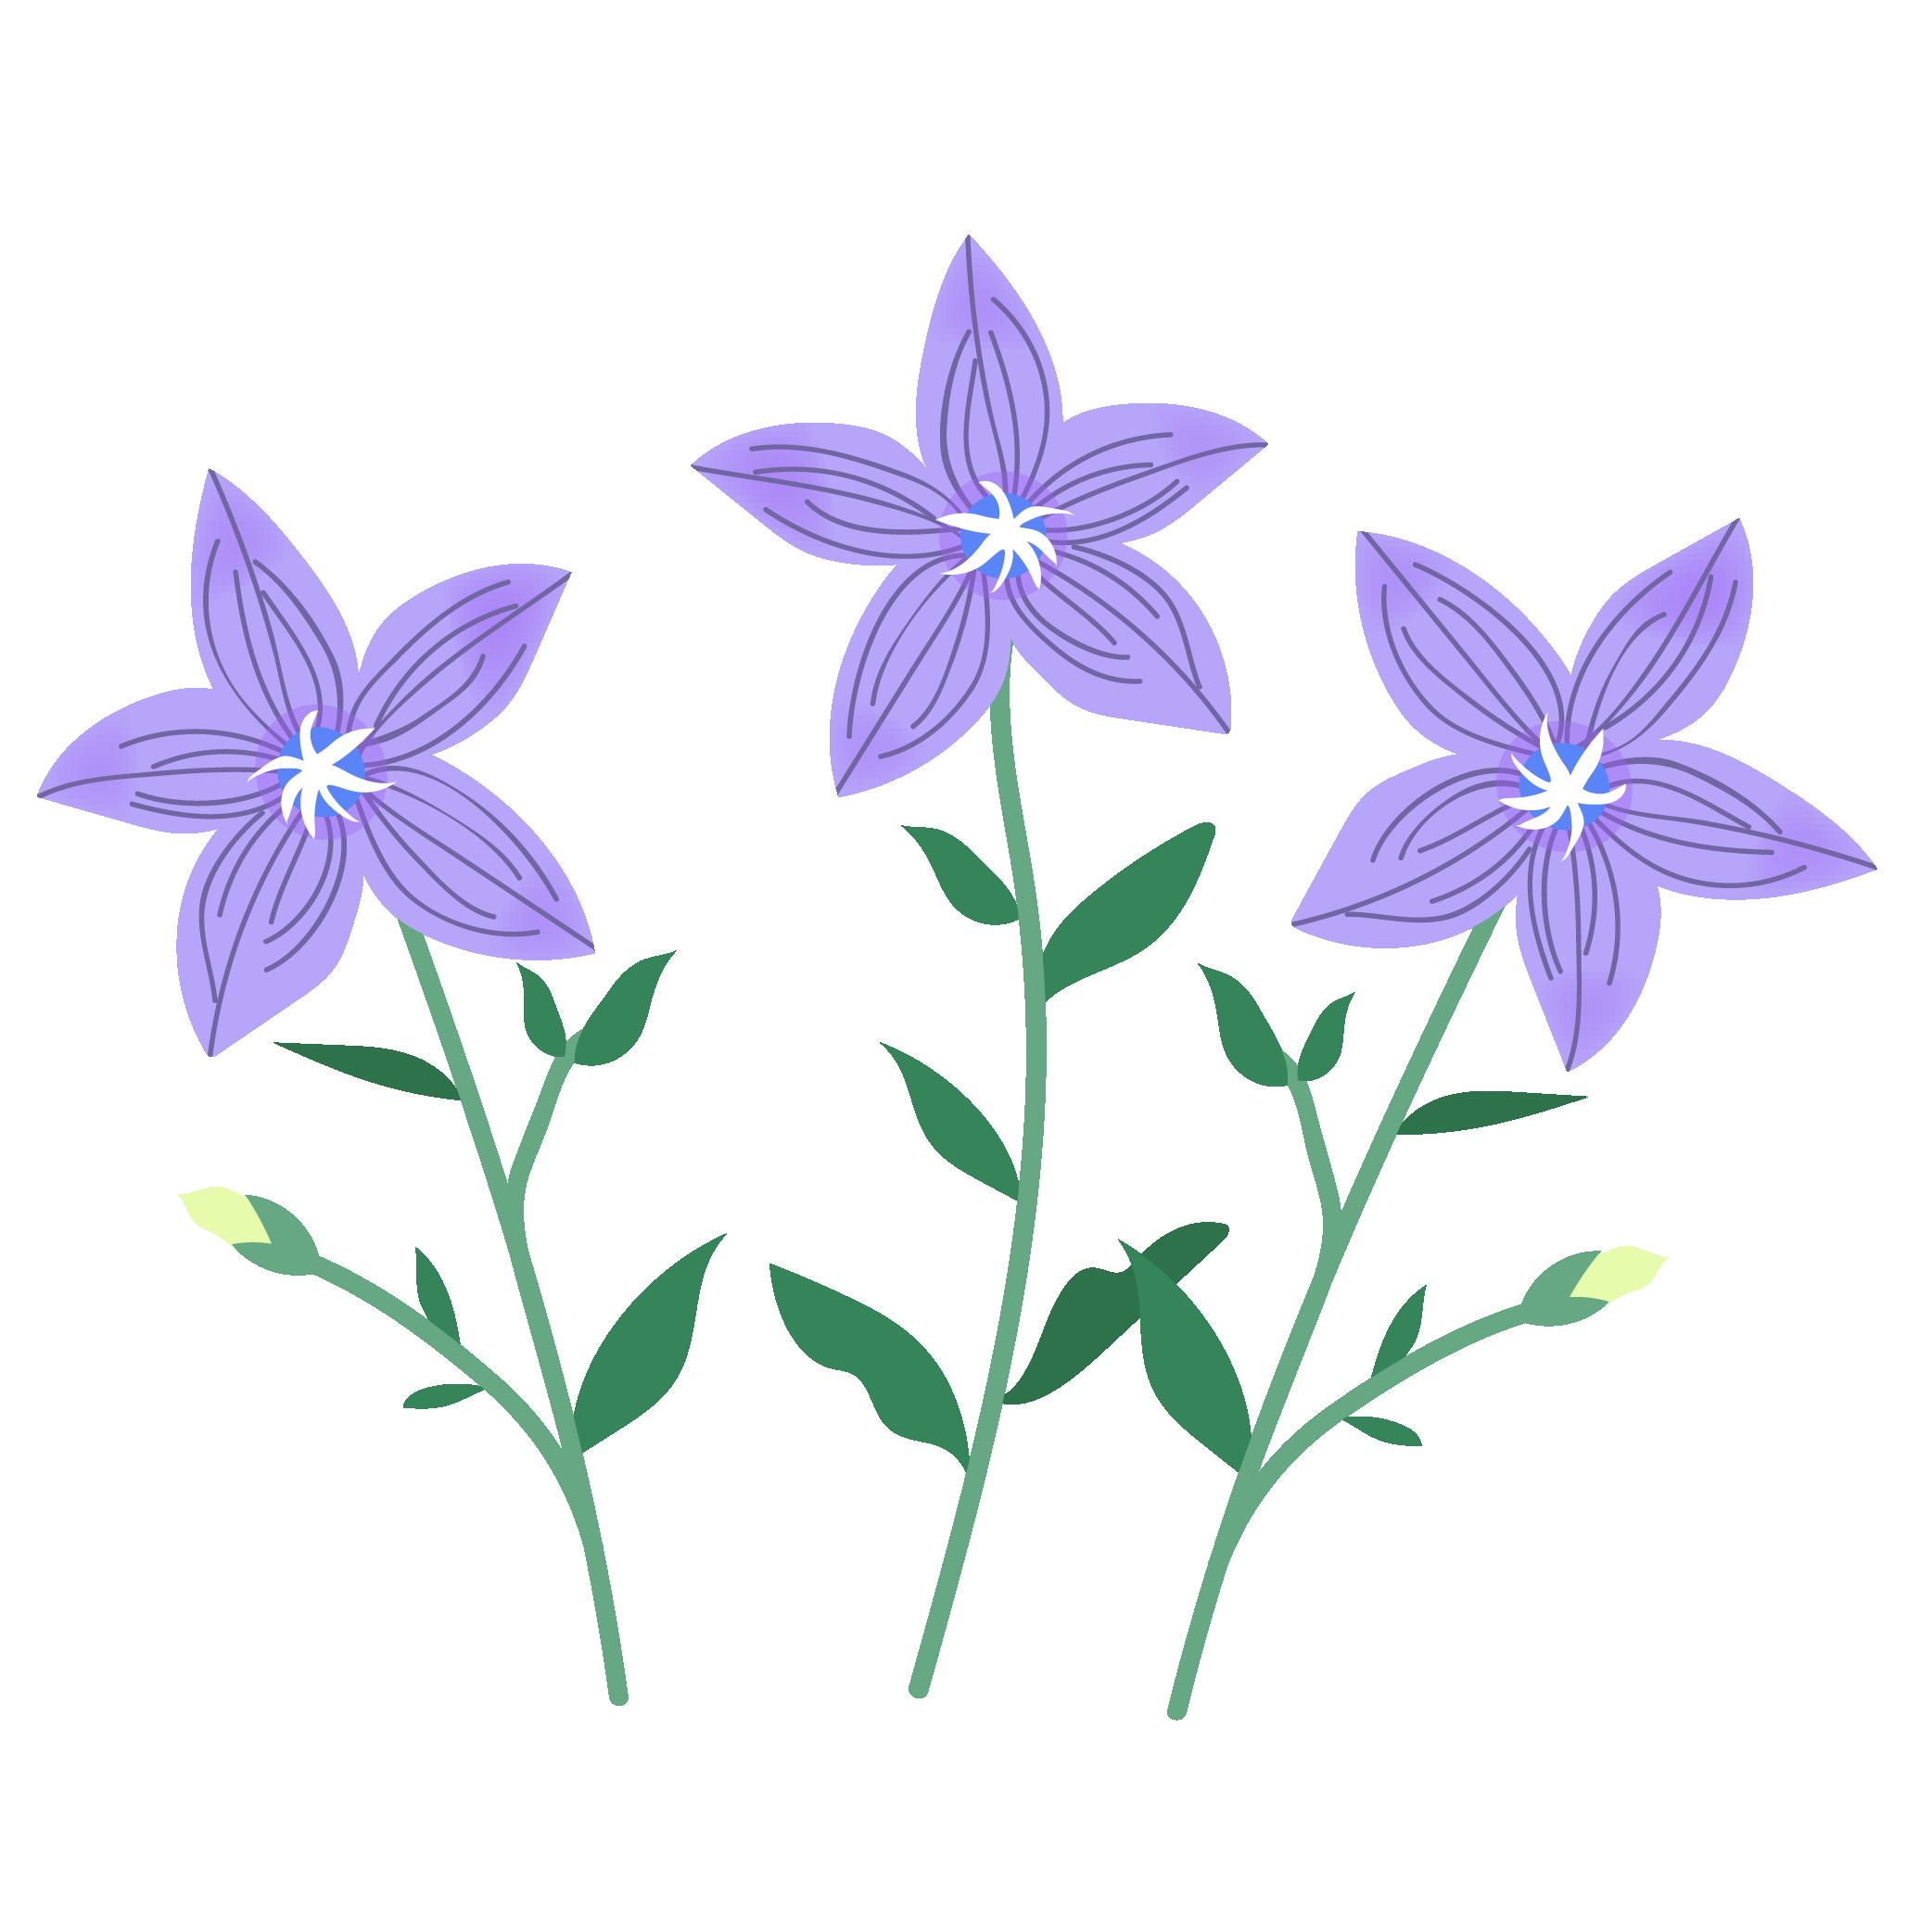 桔梗キキョウ英語chinese Bellflower秋の花のイラスト 商用